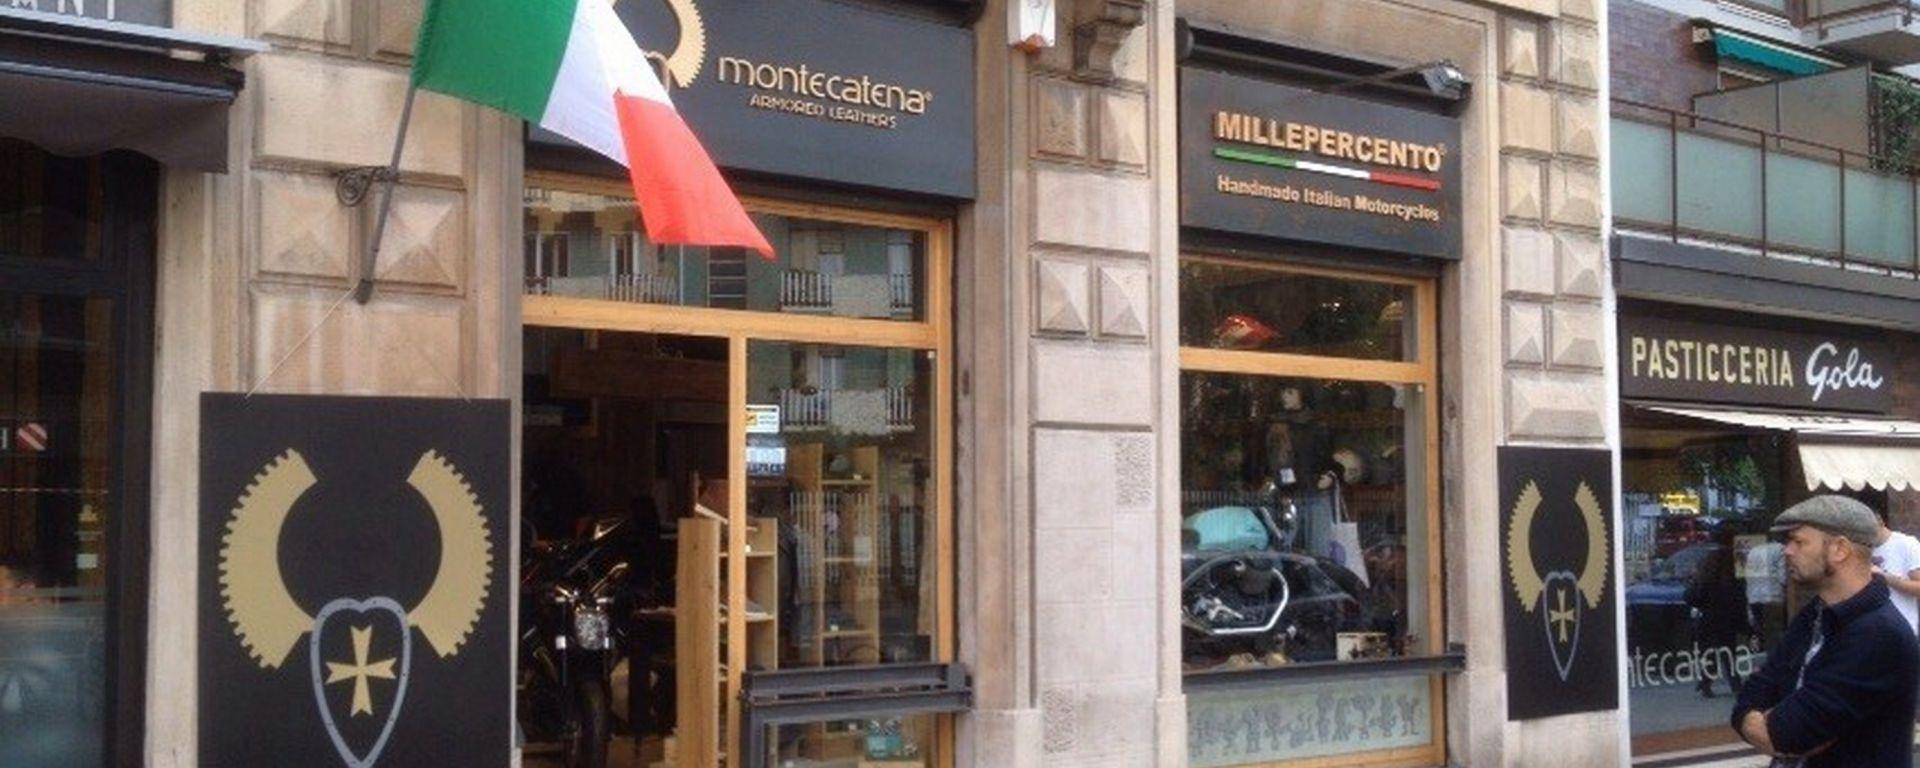 Montecatena: a Milano il primo store monomarca